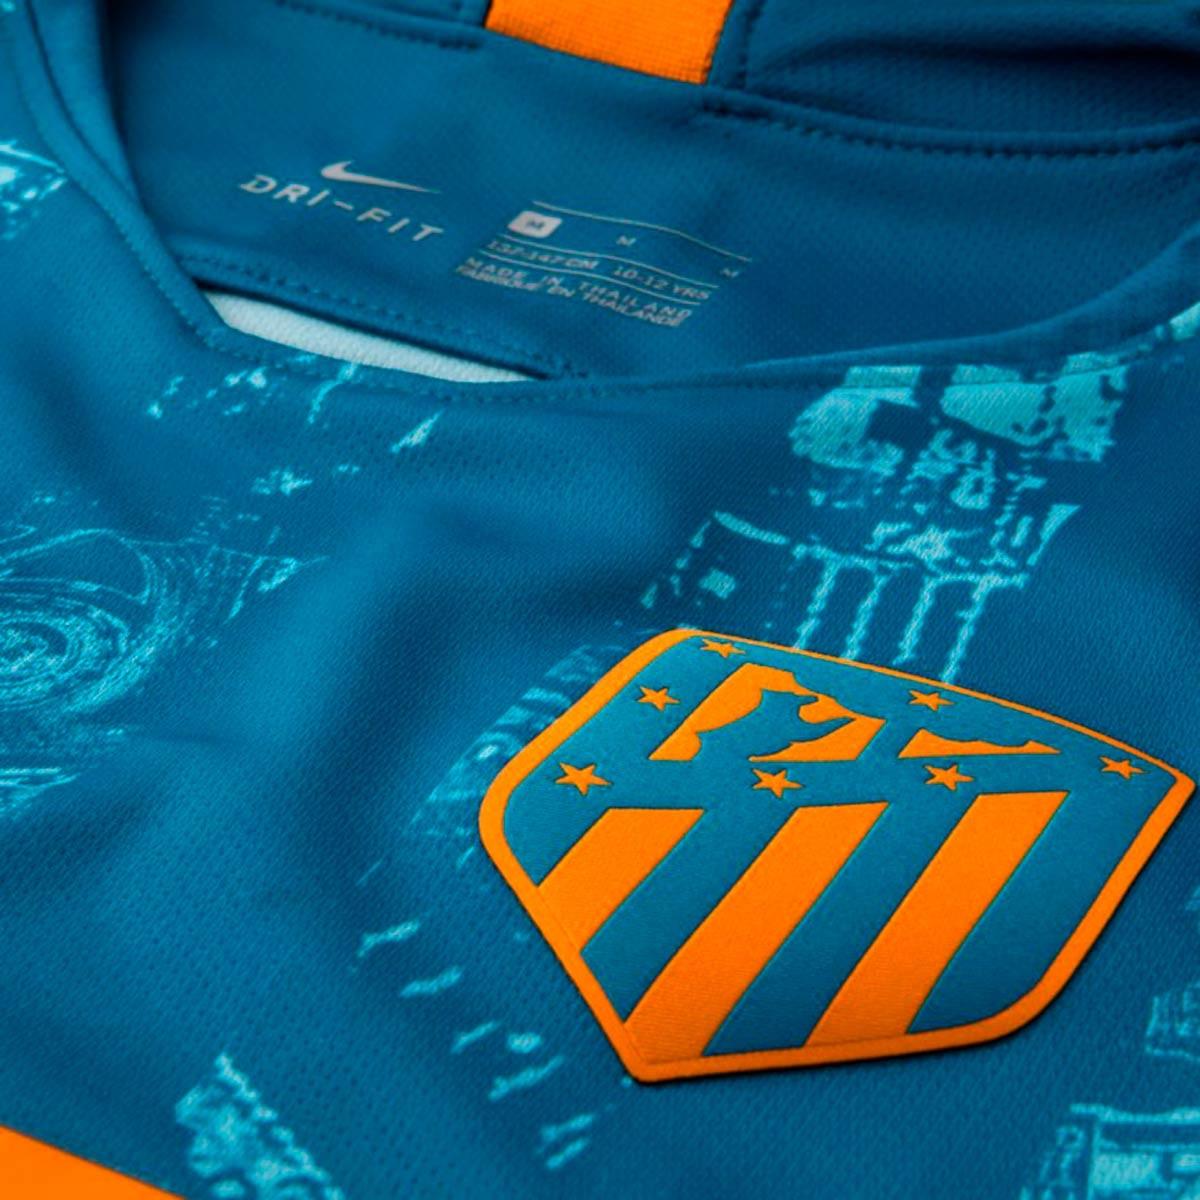 f9e7cff8891be Camiseta Nike Atletico de Madrid Stadium Tercera Equipación 2018-2019 Niño  Green abyss-Orange peel - Tienda de fútbol Fútbol Emotion